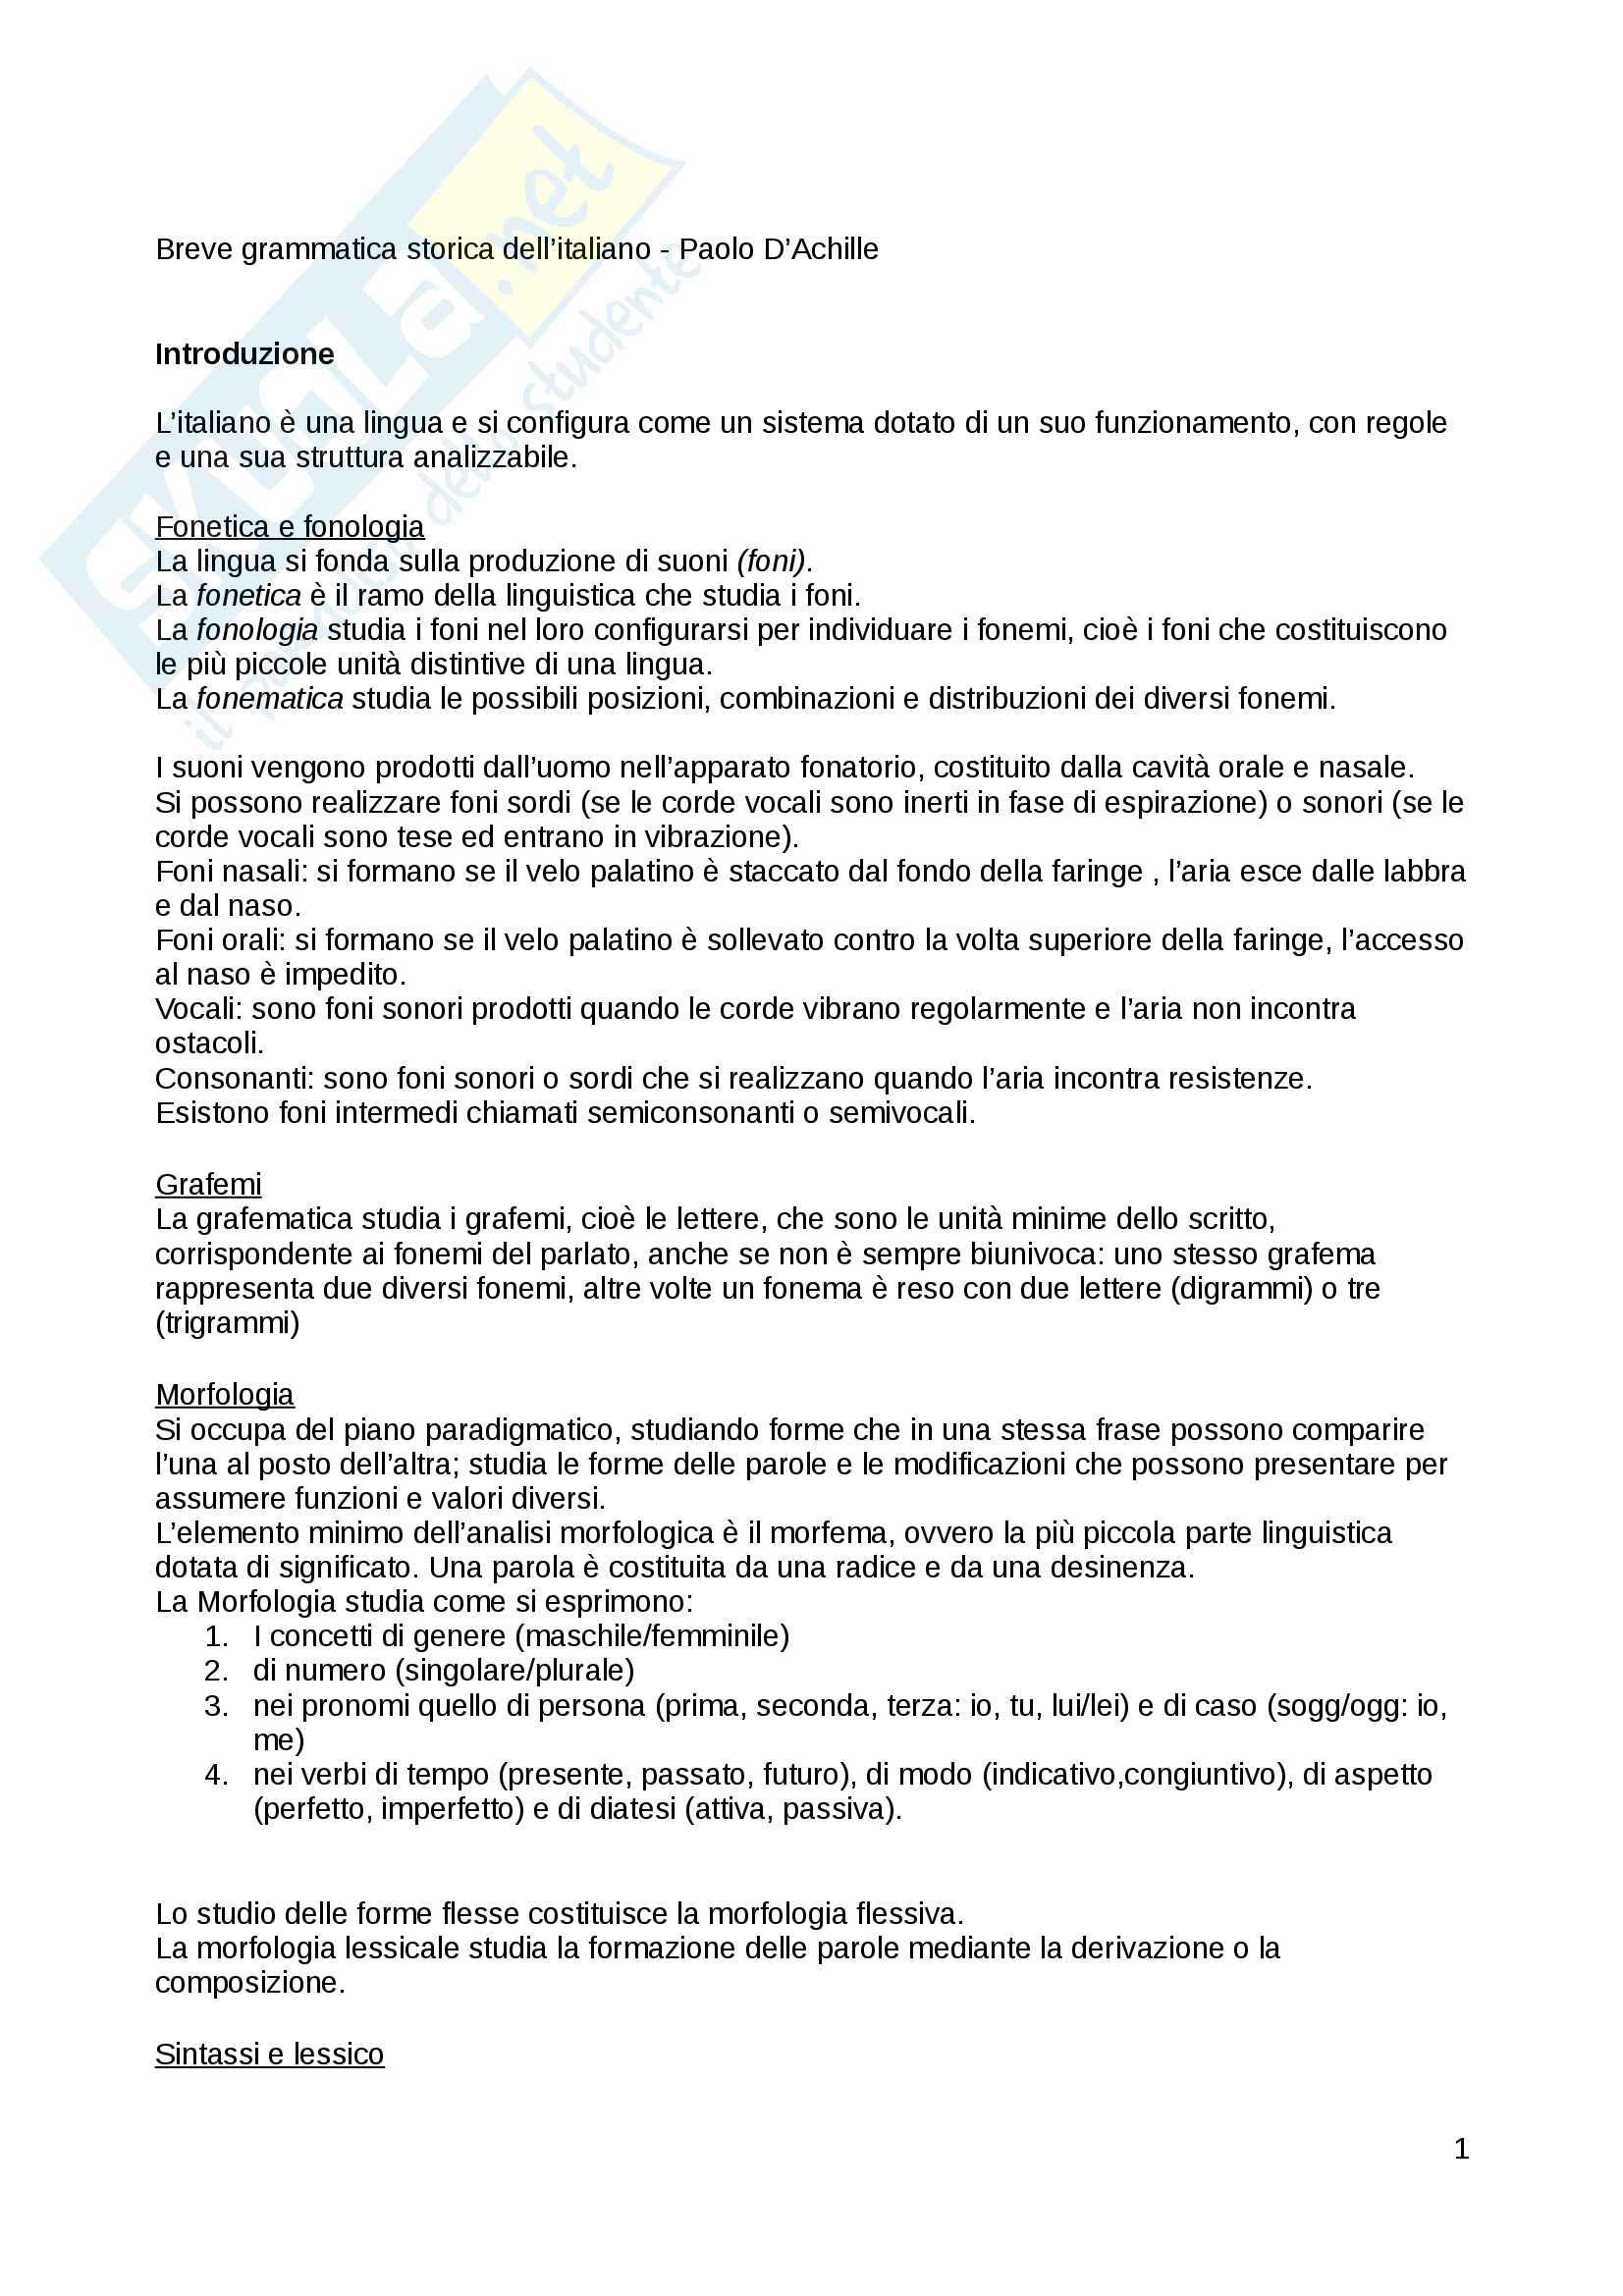 Riassunto esame Istituzioni linguistica italiana, docente D'Achille, libro consigliato Breve grammatica storica dell'italiano, Paolo D'Achille